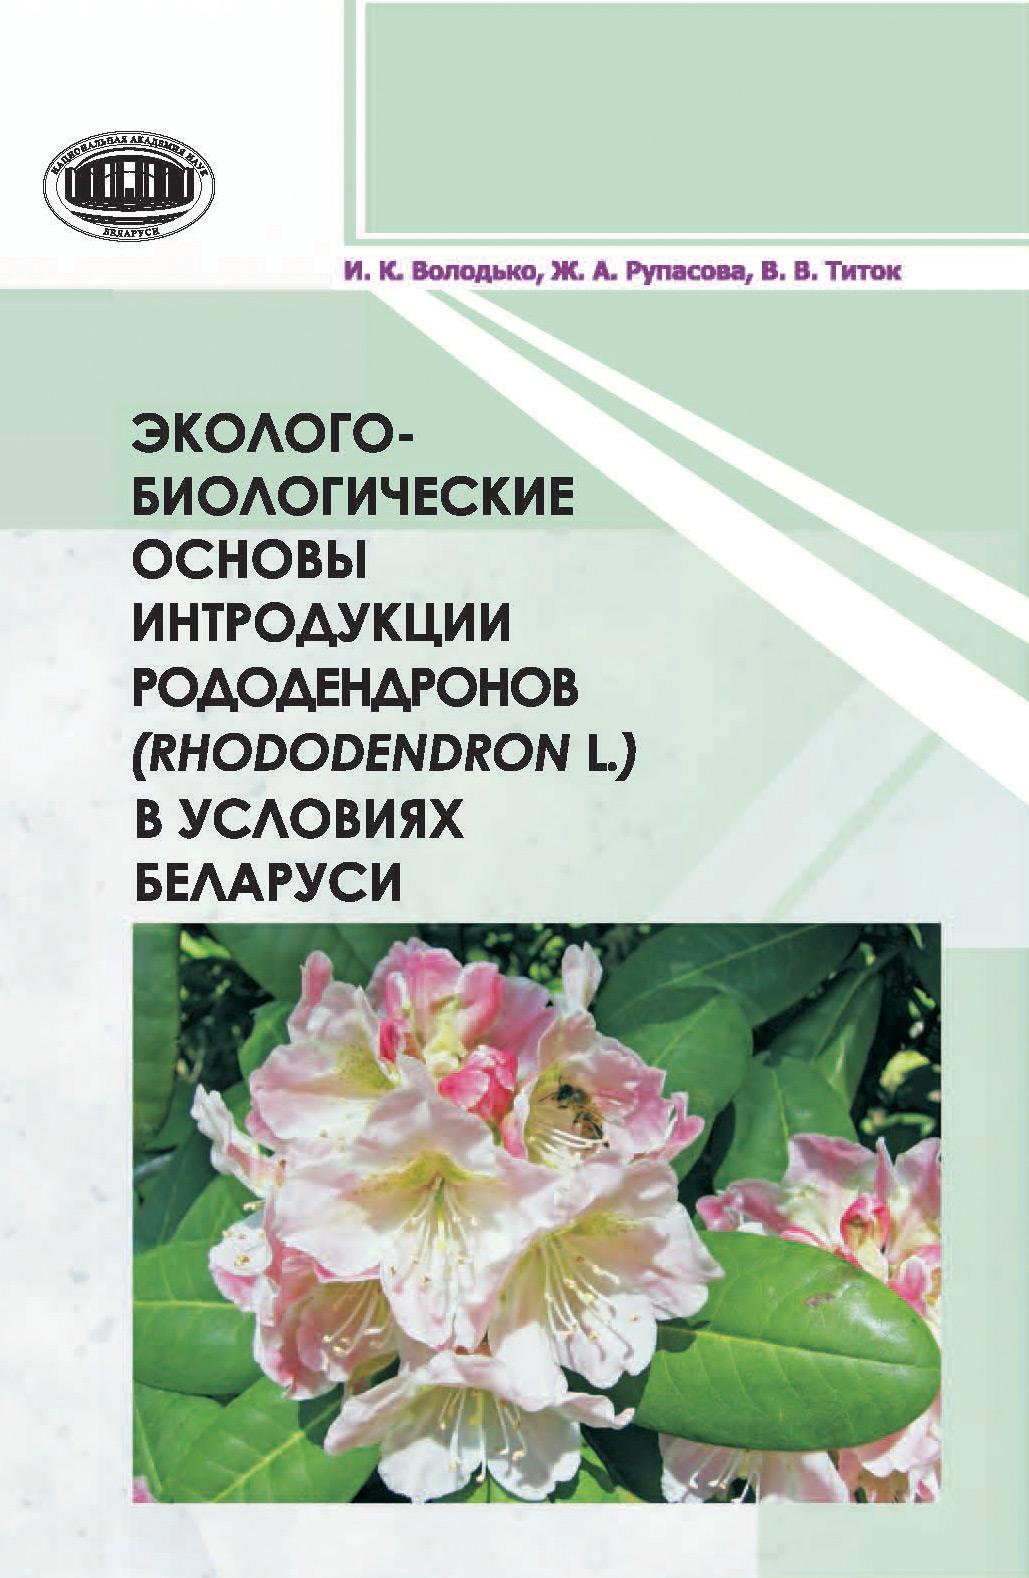 И. К. Володько Эколого-биологические основы интродукции рододендронов (Rhododendron L.) в условиях Беларуси